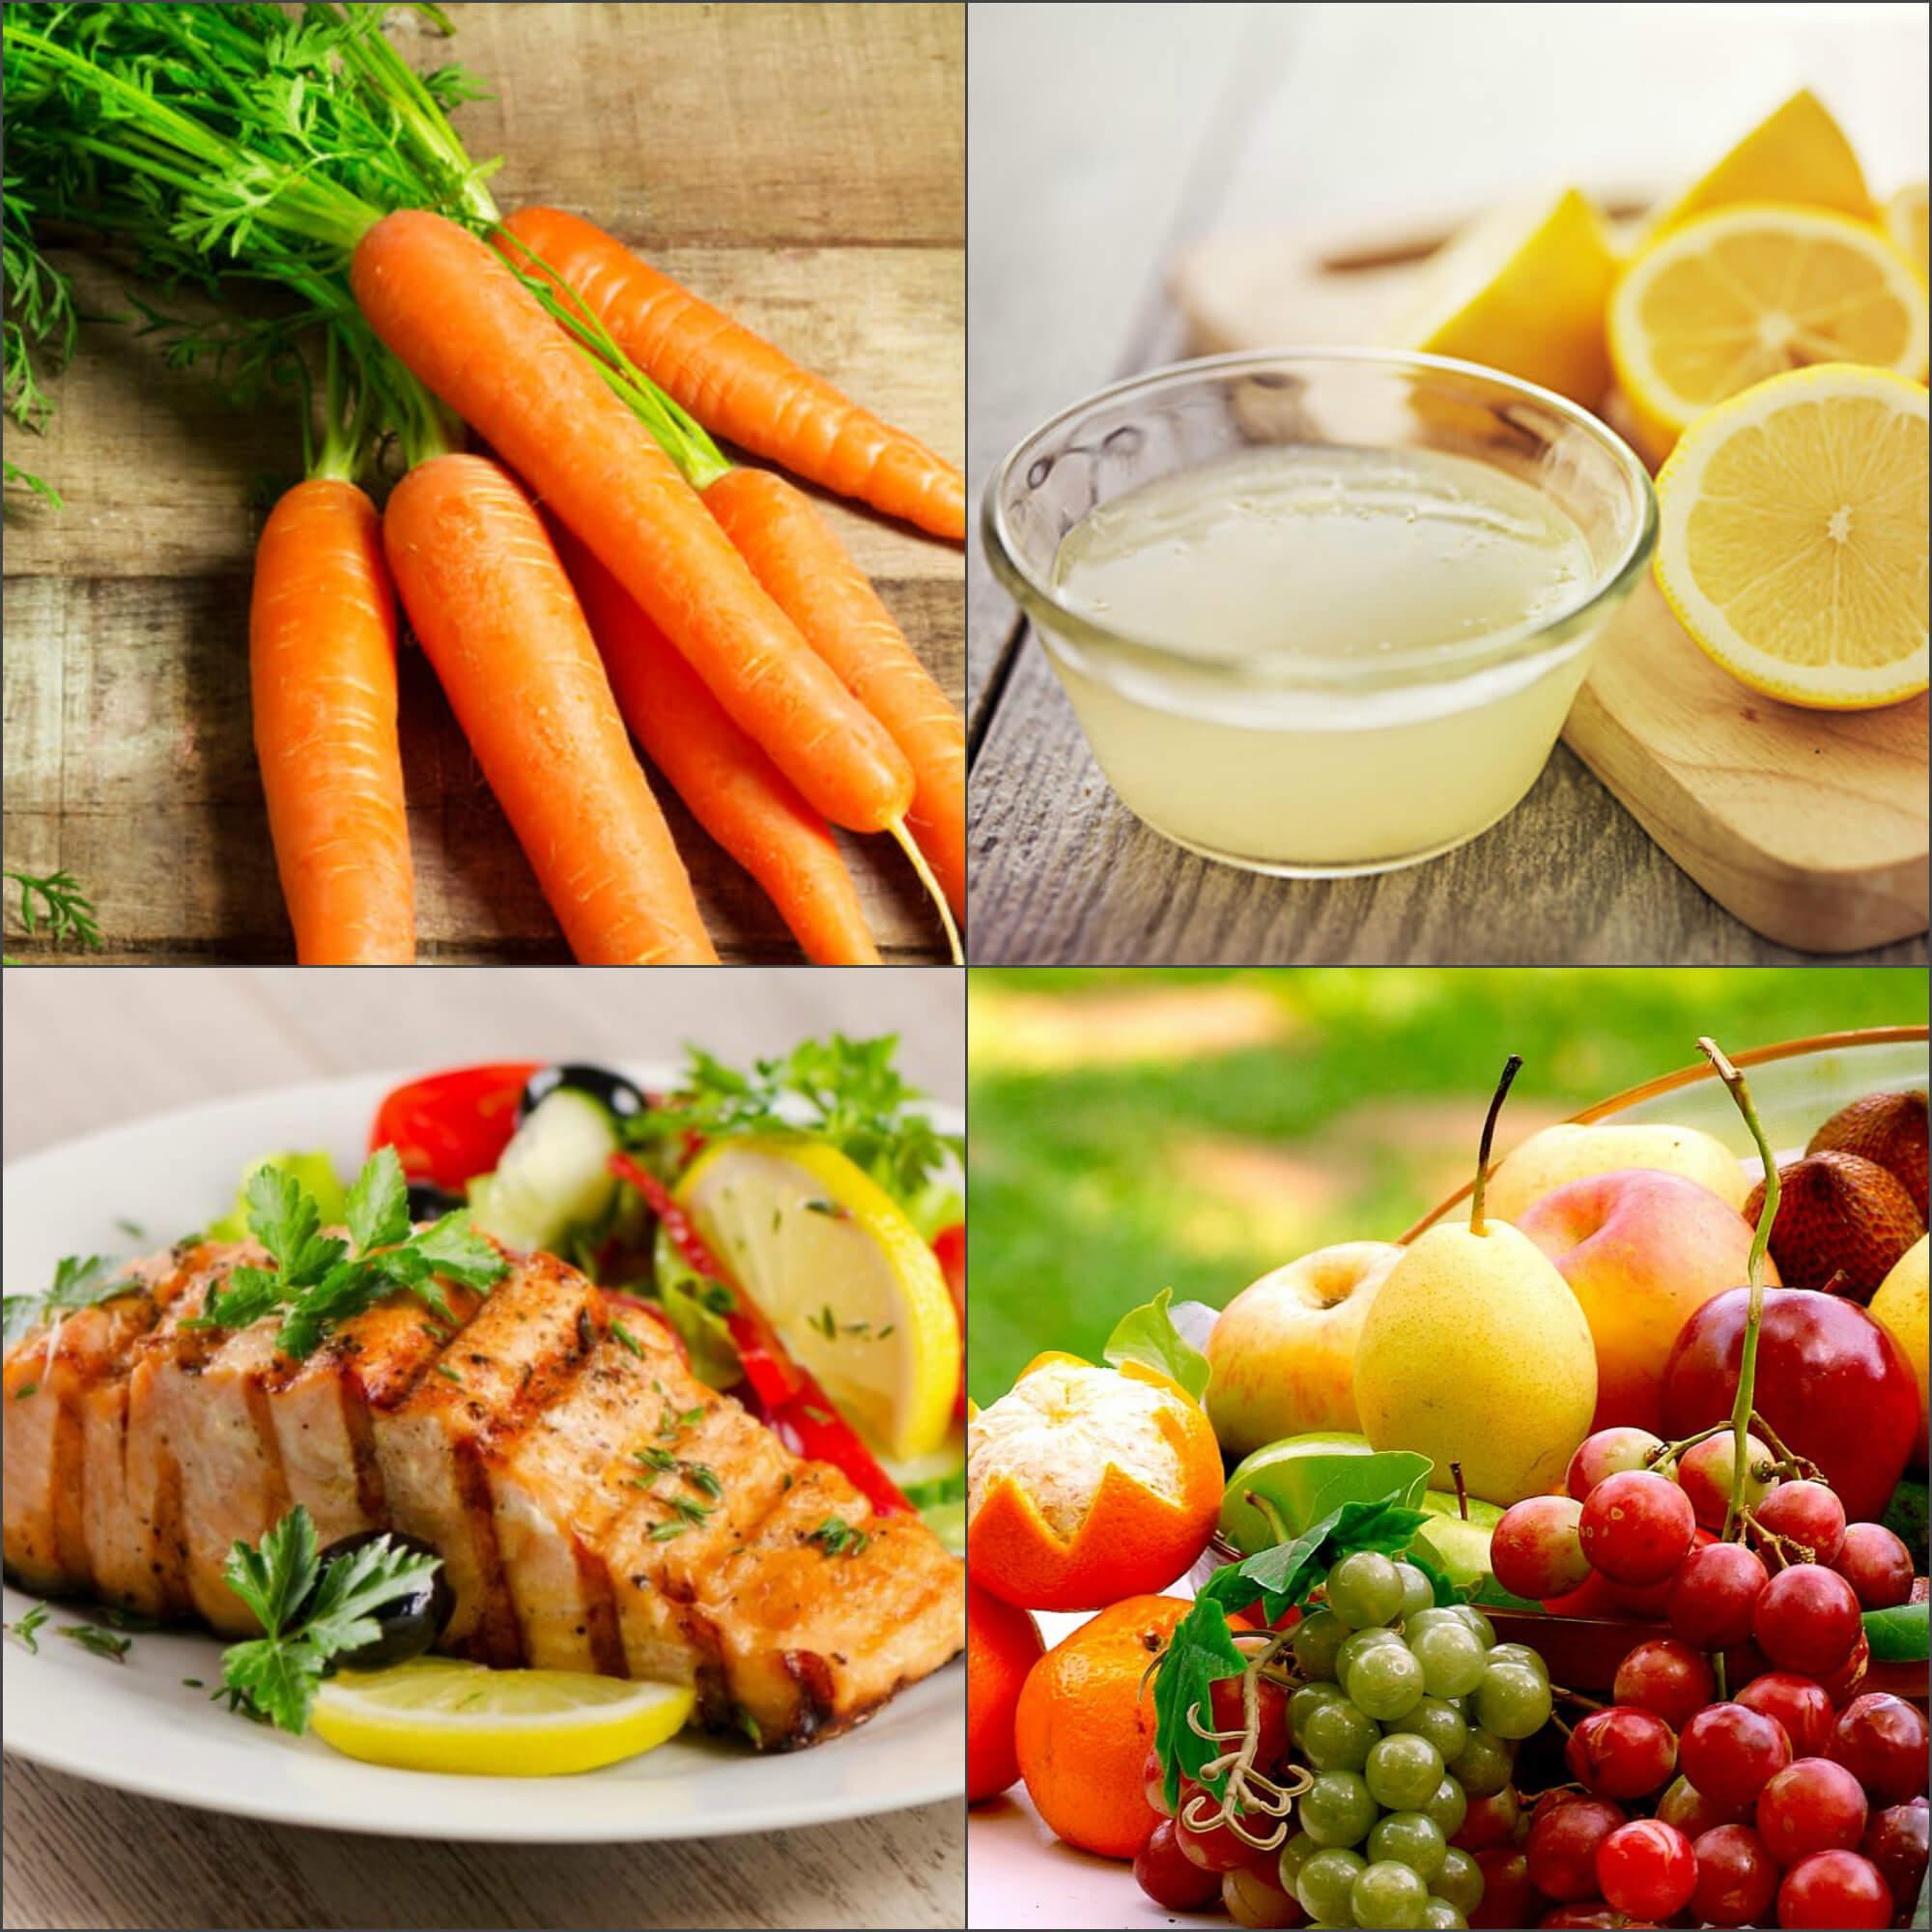 Как Похудеть На Одном Продукте. Избавляемся от 10 кг за неделю на фруктовой диете